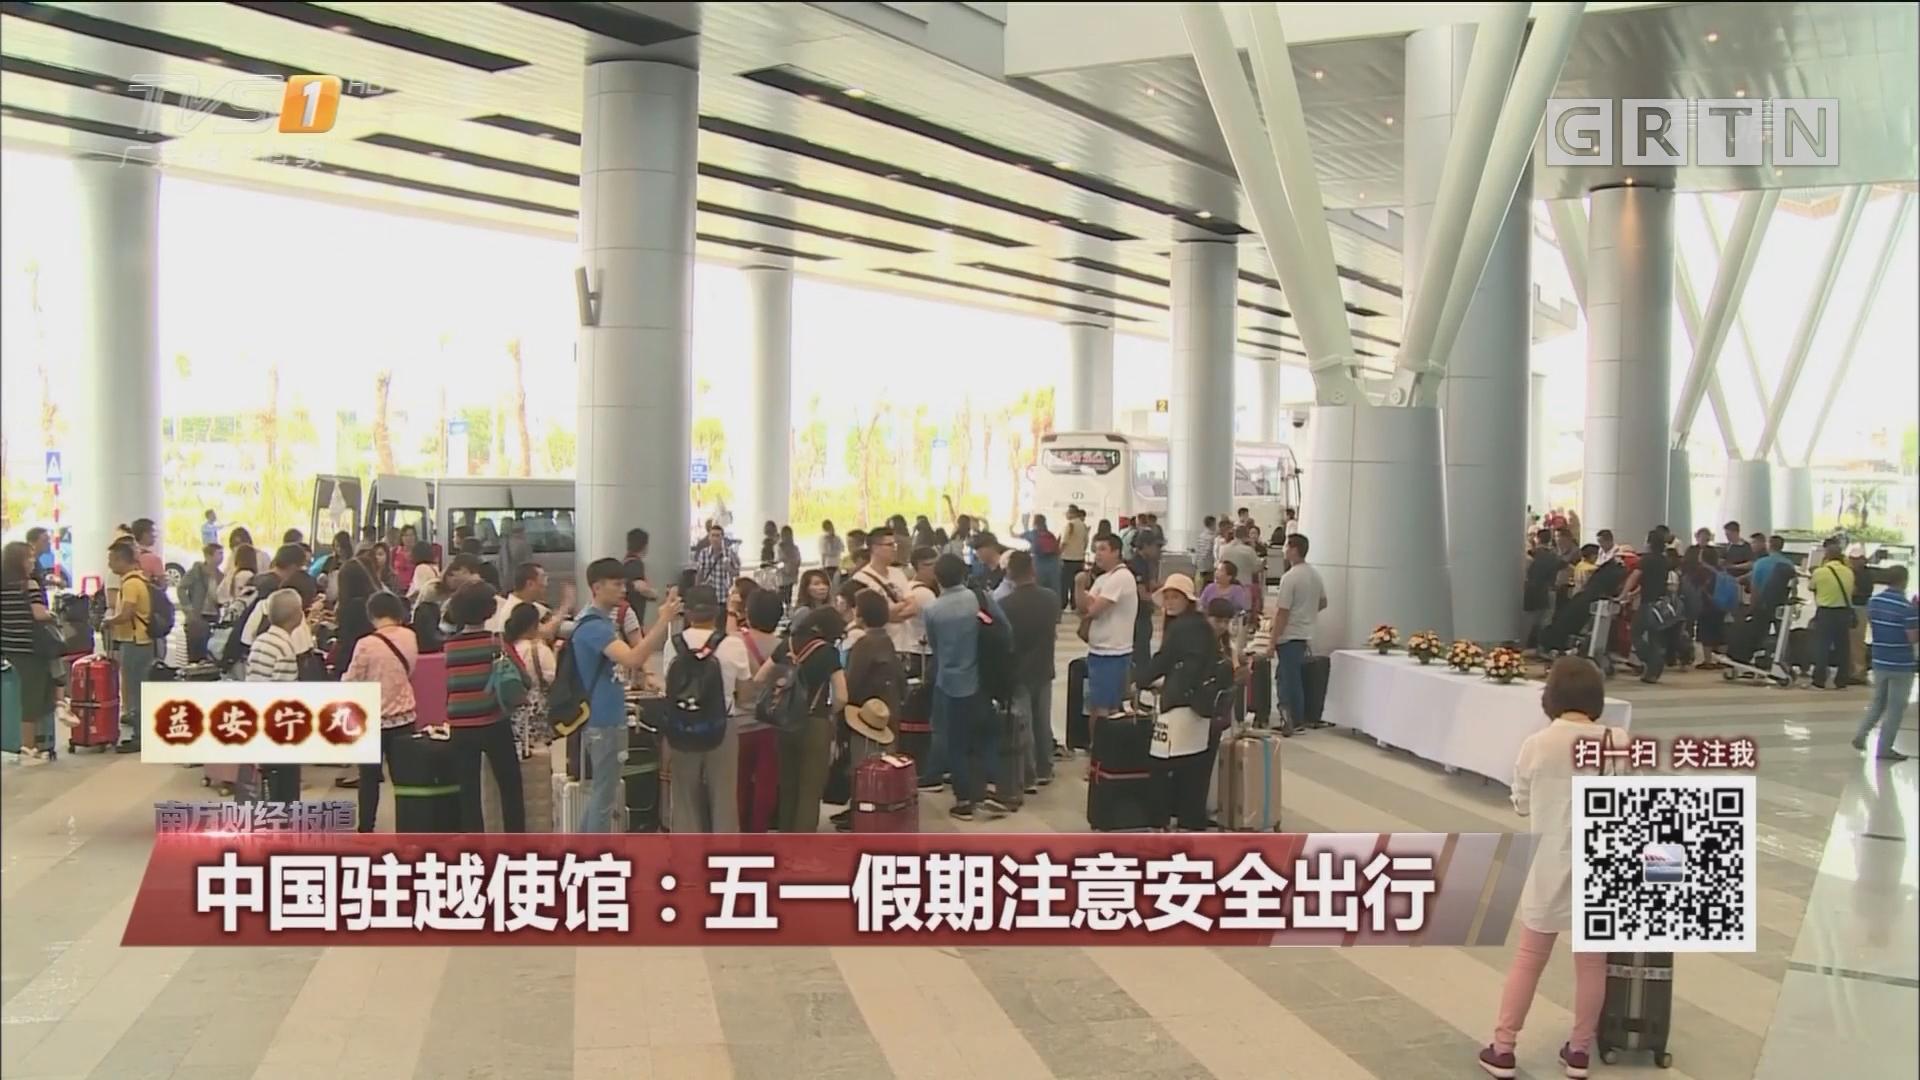 中国驻越使馆:五一假期注意安全出行